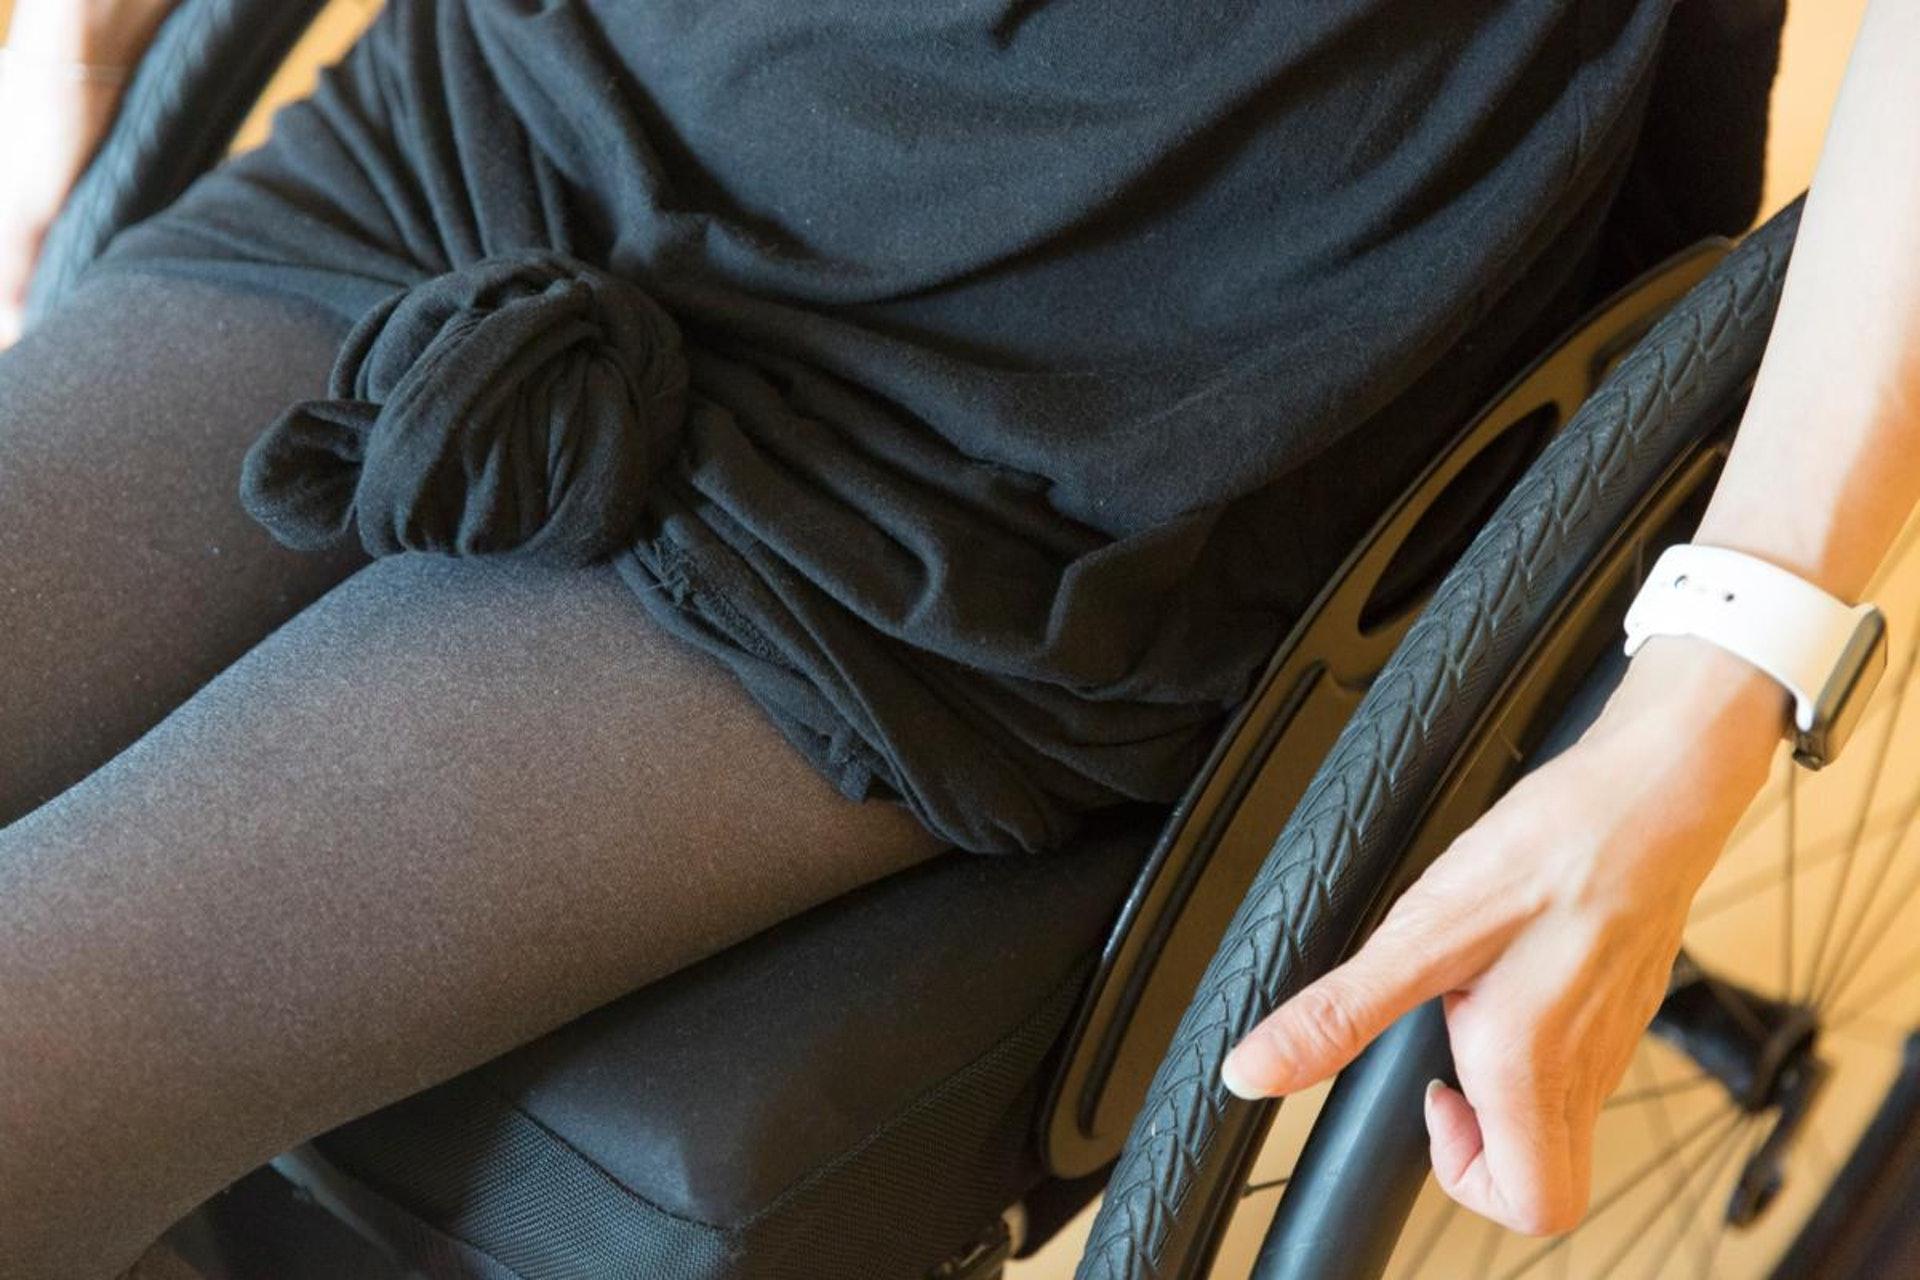 上廁所時,長裙容易掉入馬桶中,Rabi會先把裙擺打結,因此易皺的材質也非首選。